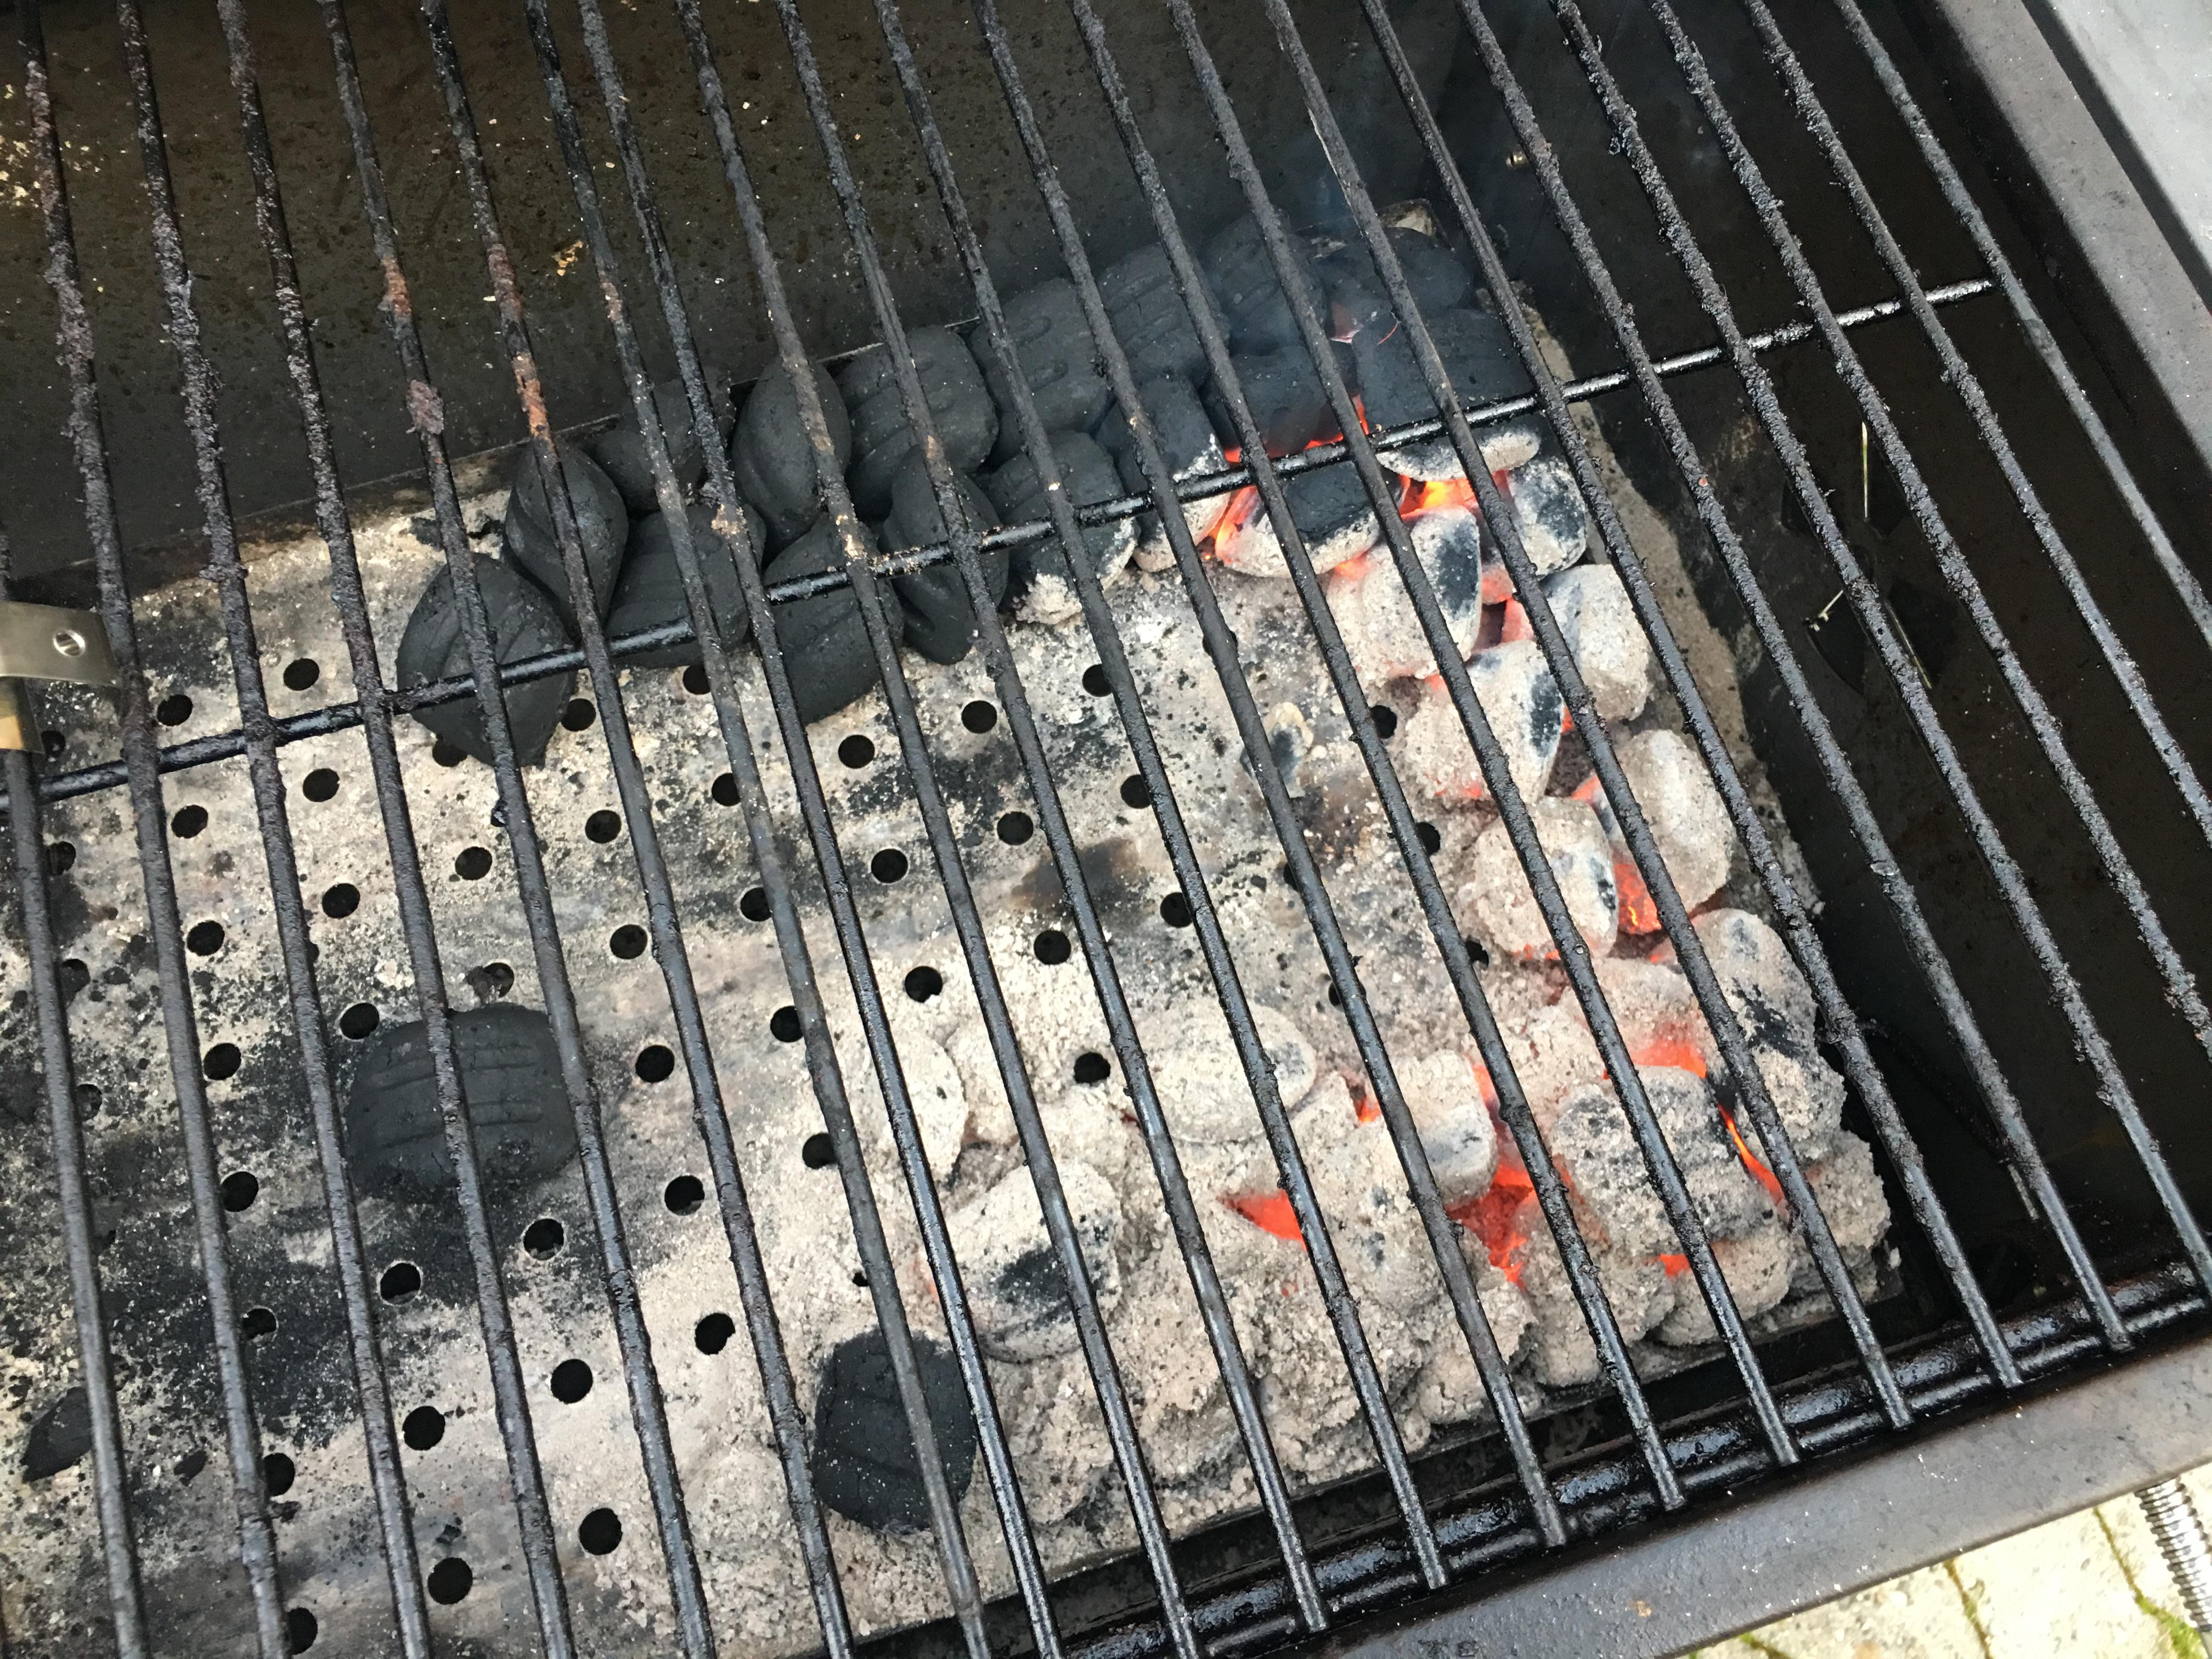 Tepro Toronto Holzkohlegrill Indirektes Grillen : Schwierigkeiten mit konstanter temperatur minionring auf billig